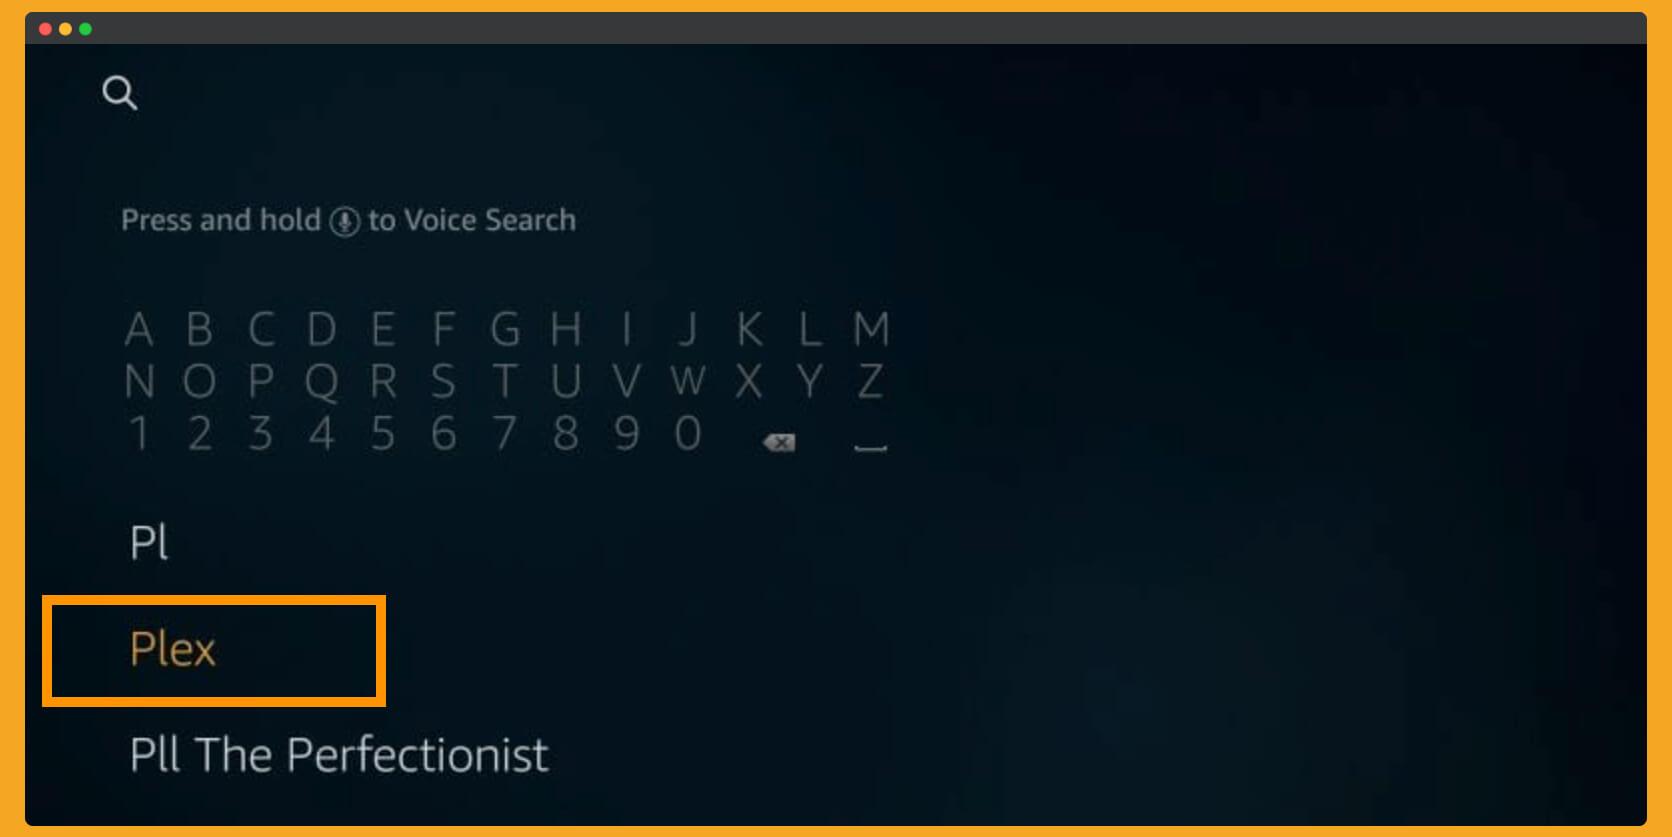 Search-Plex